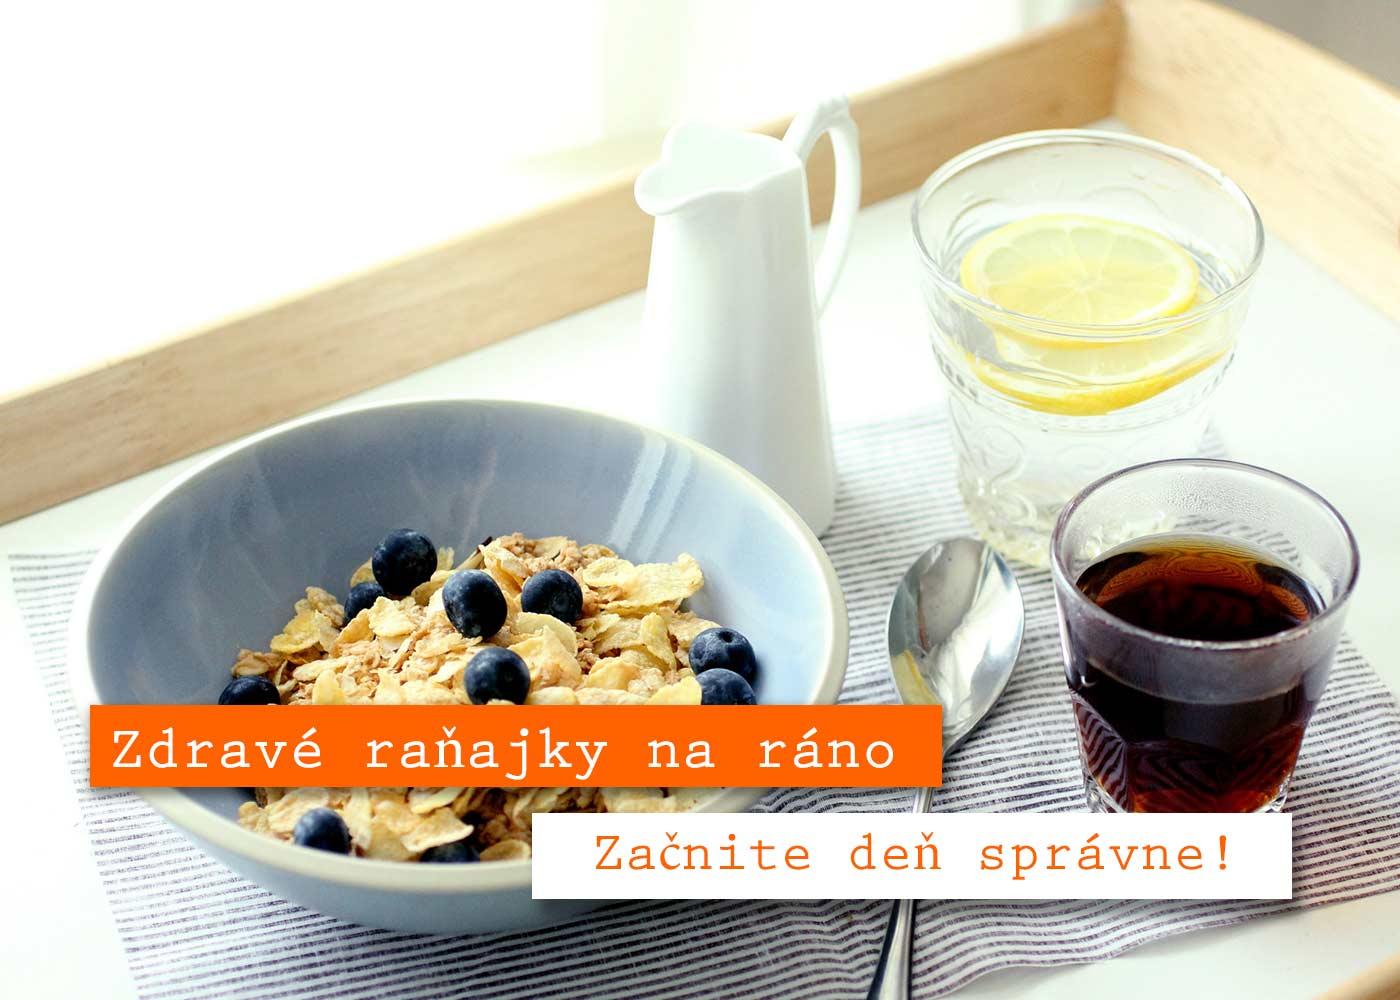 Zdravé-raňajky-na-ráno Recepty na špeciality kuchyne, najlepšie na jedálny lístok